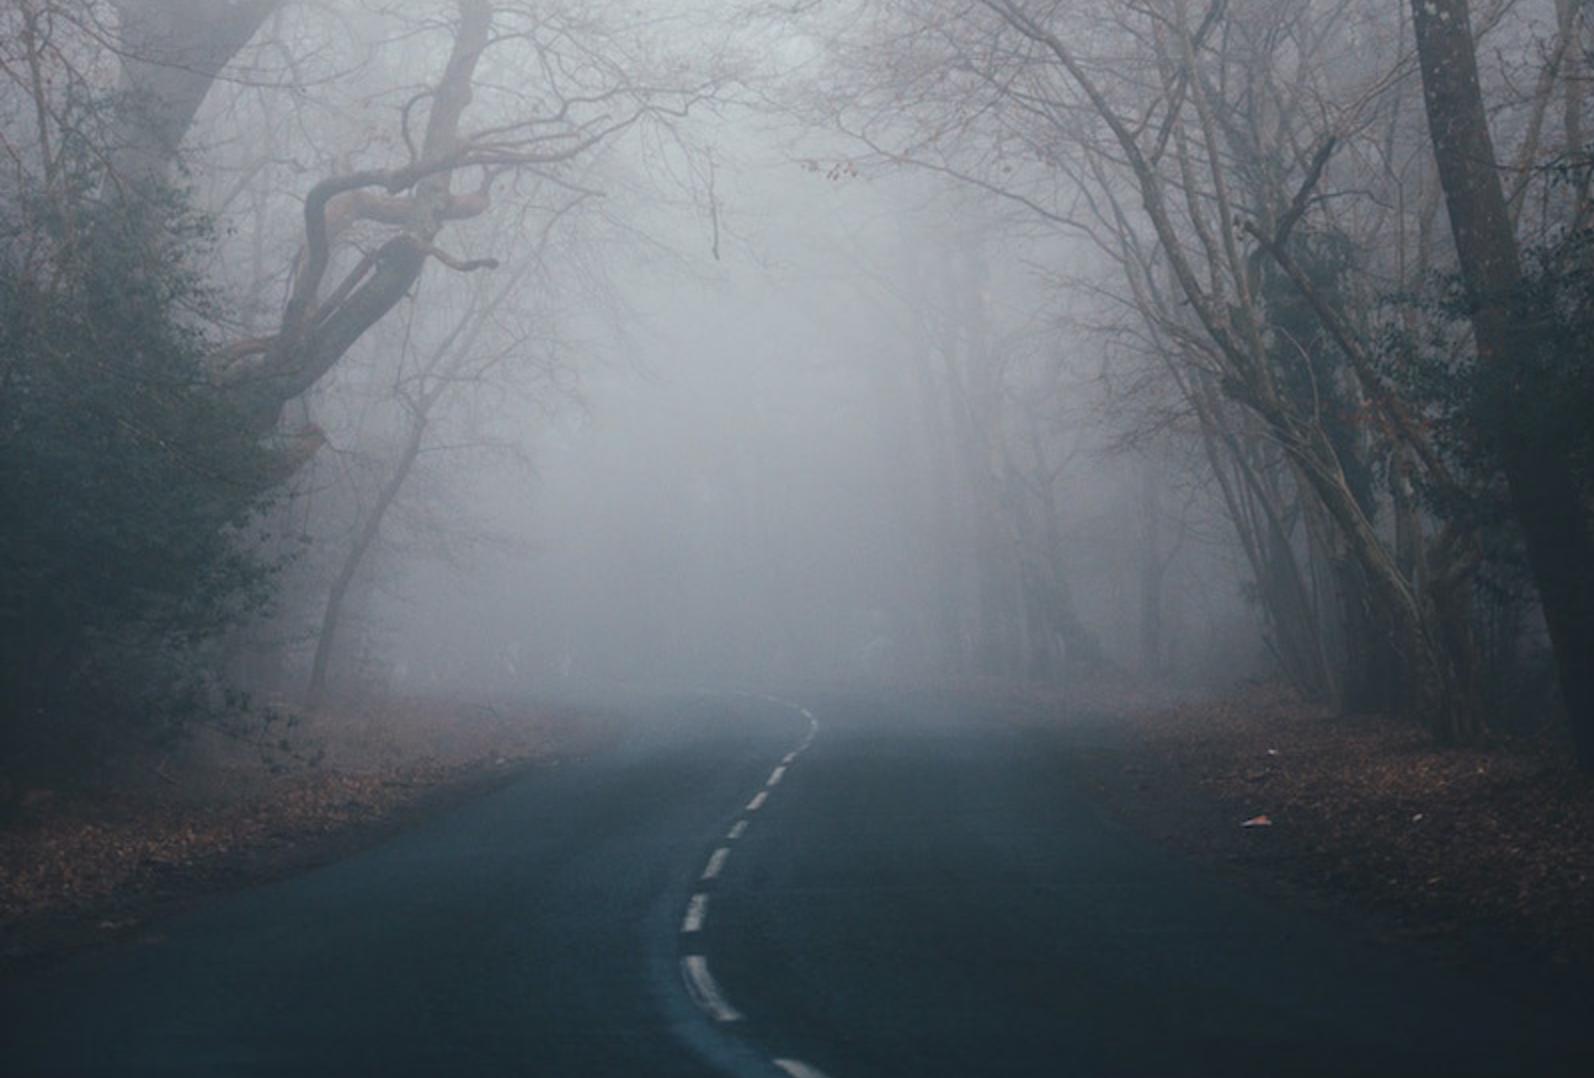 Conducción con niebla, comprender este fenómeno